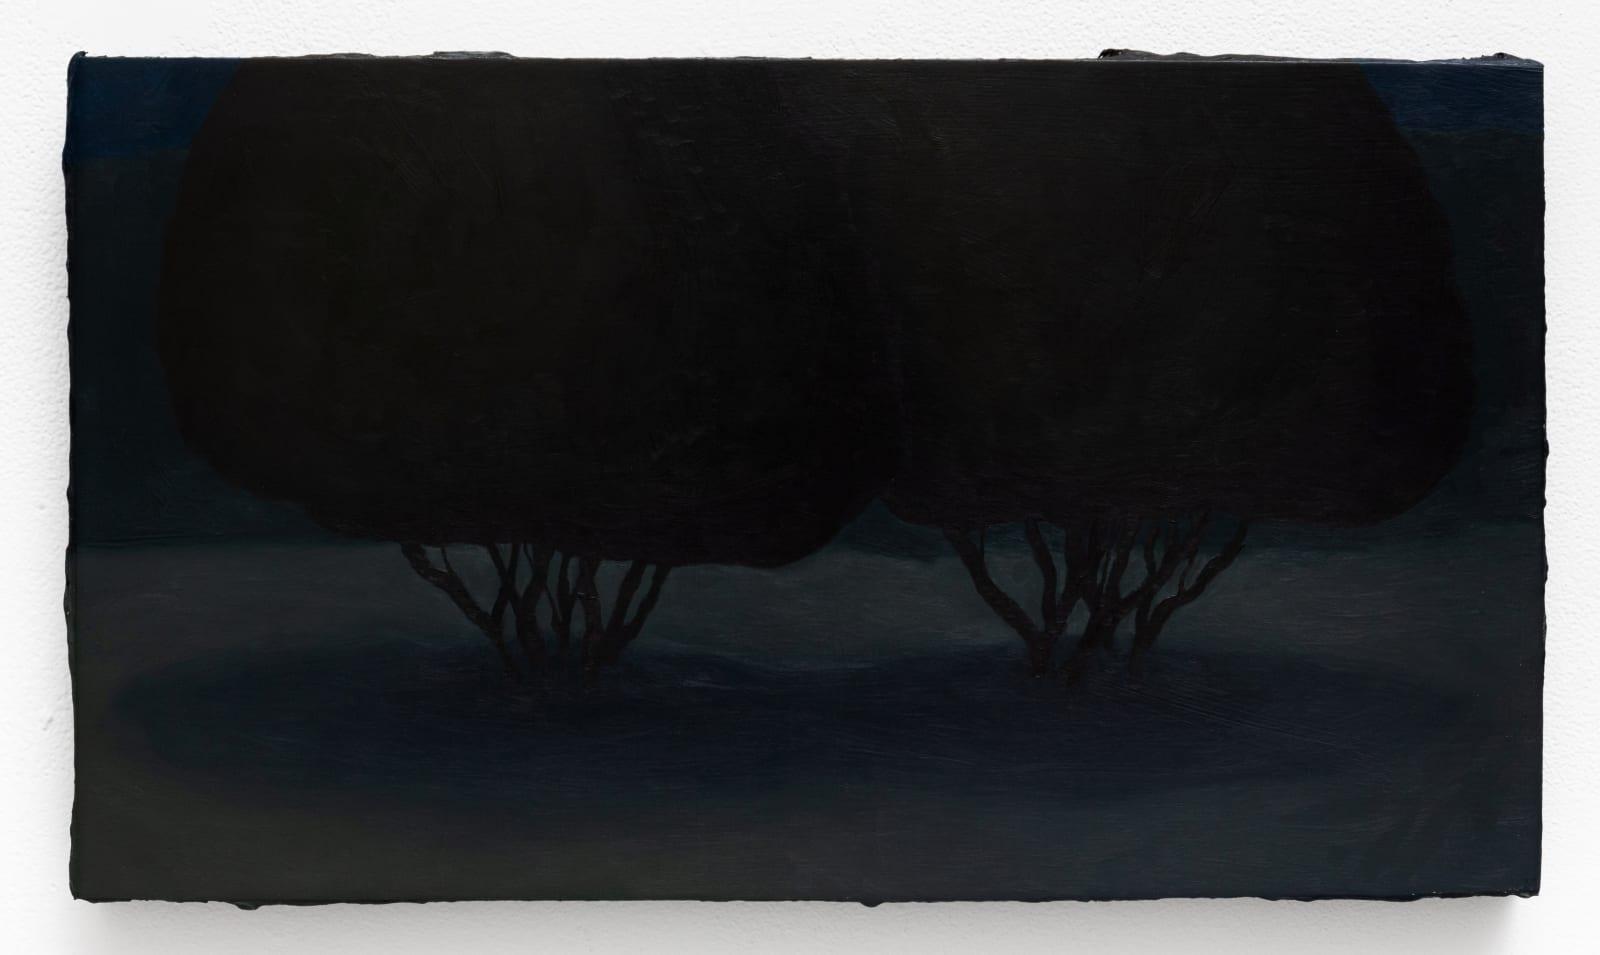 Sarah Schlesinger, Two Trees, 2021